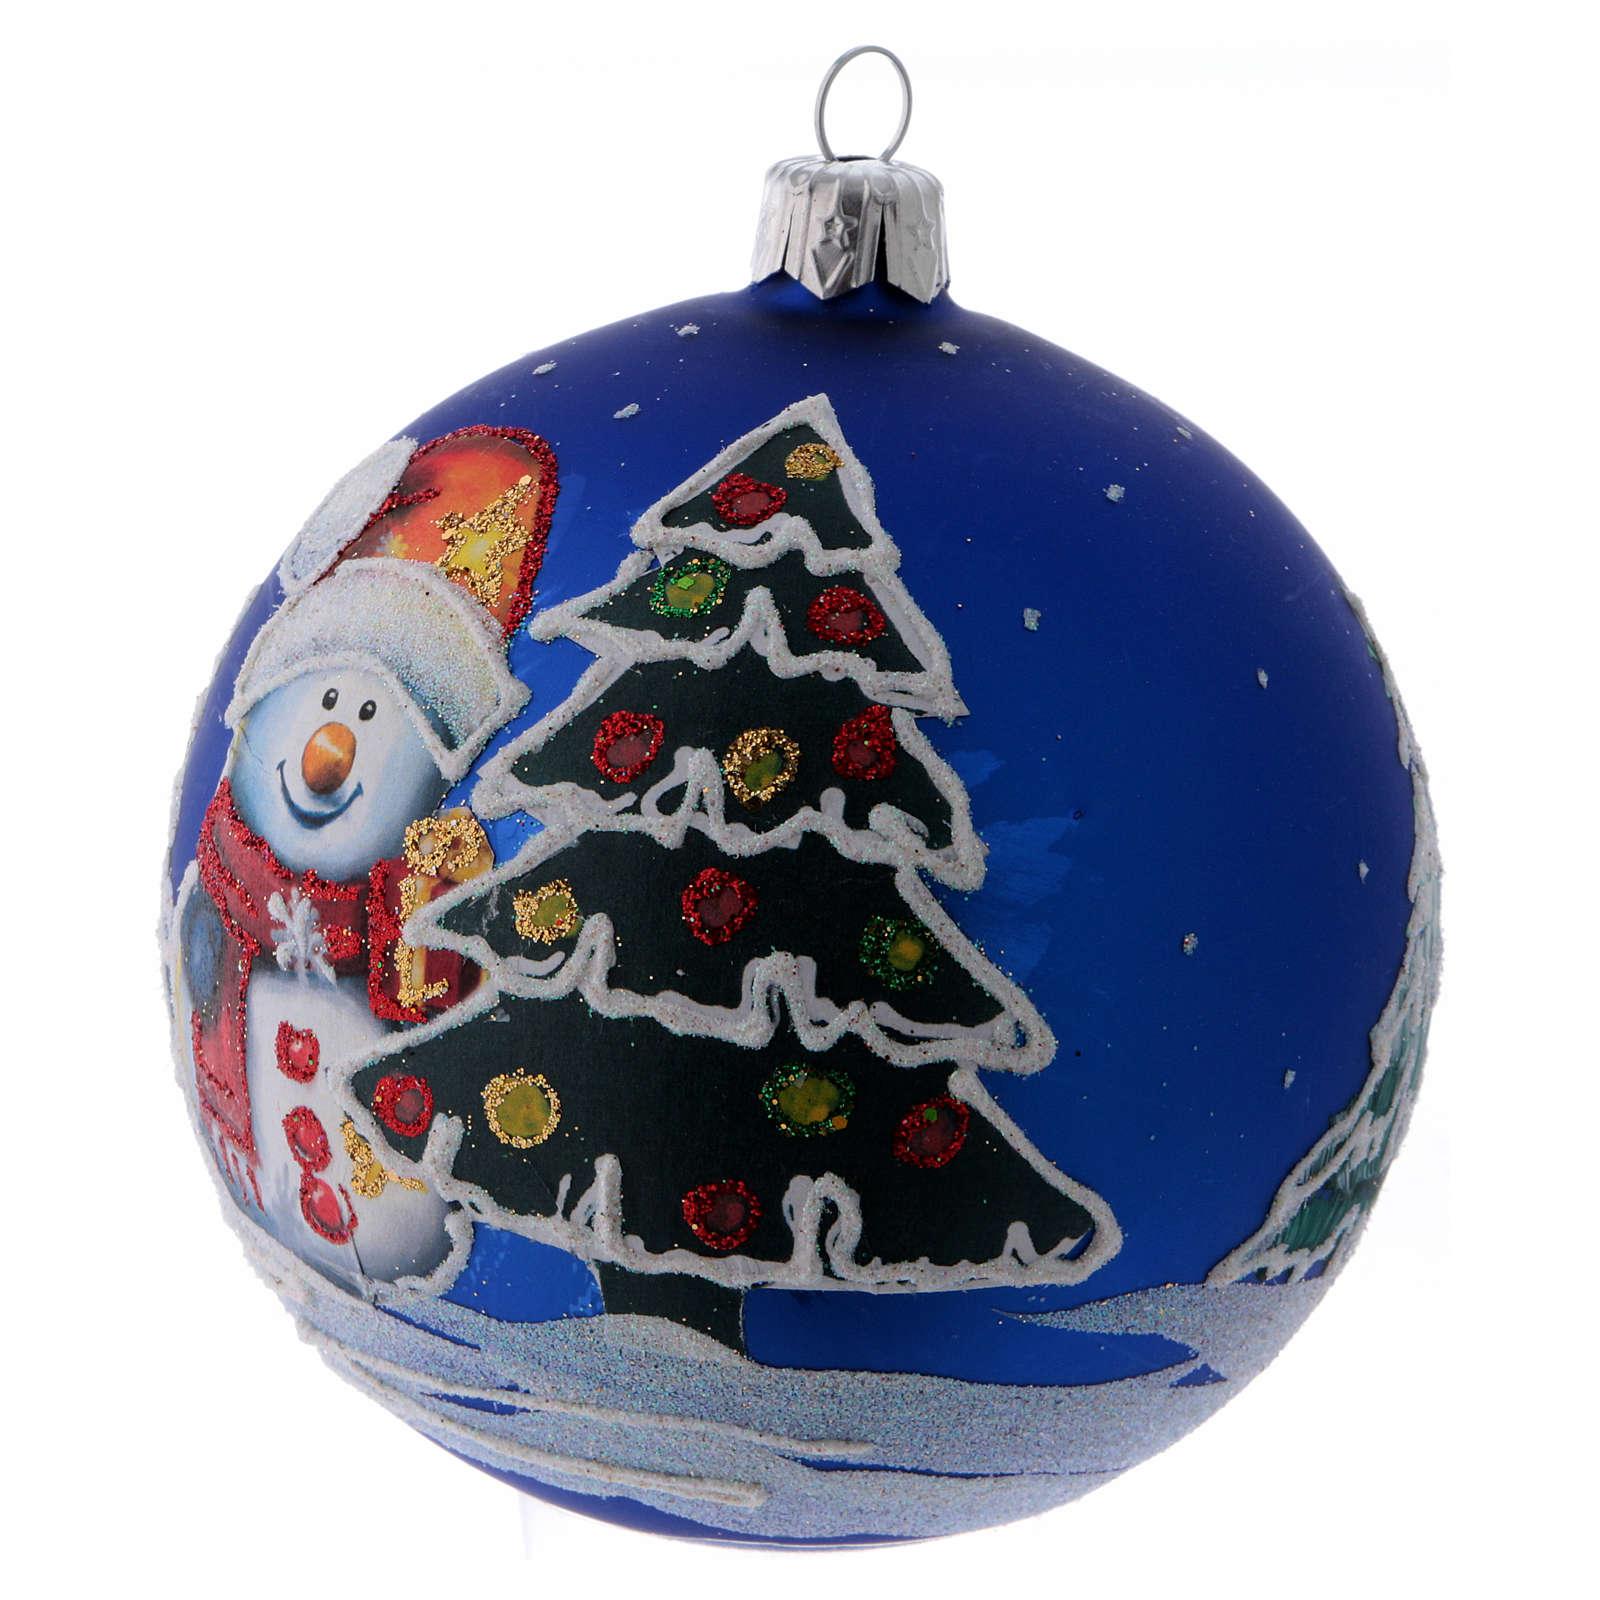 Bola Natal vidro azul e árvores nevados decorados 100 mm 4